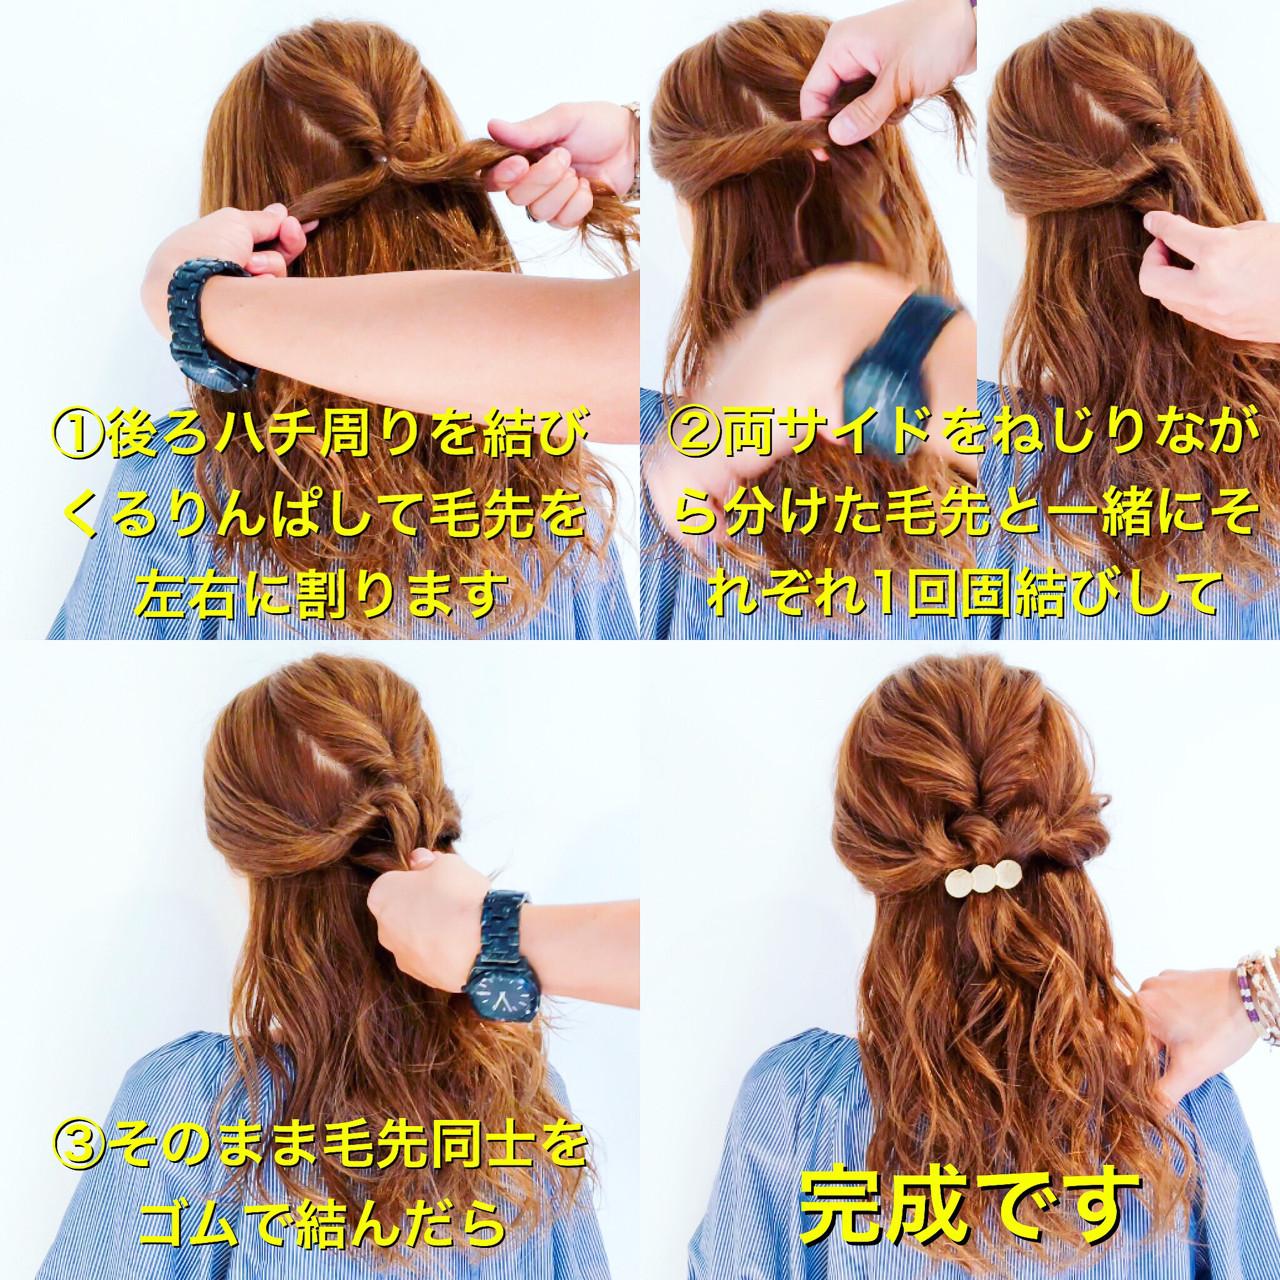 華やか見せ♡くるりんぱ×ねじりのハーフアップ 美容師 HIRO